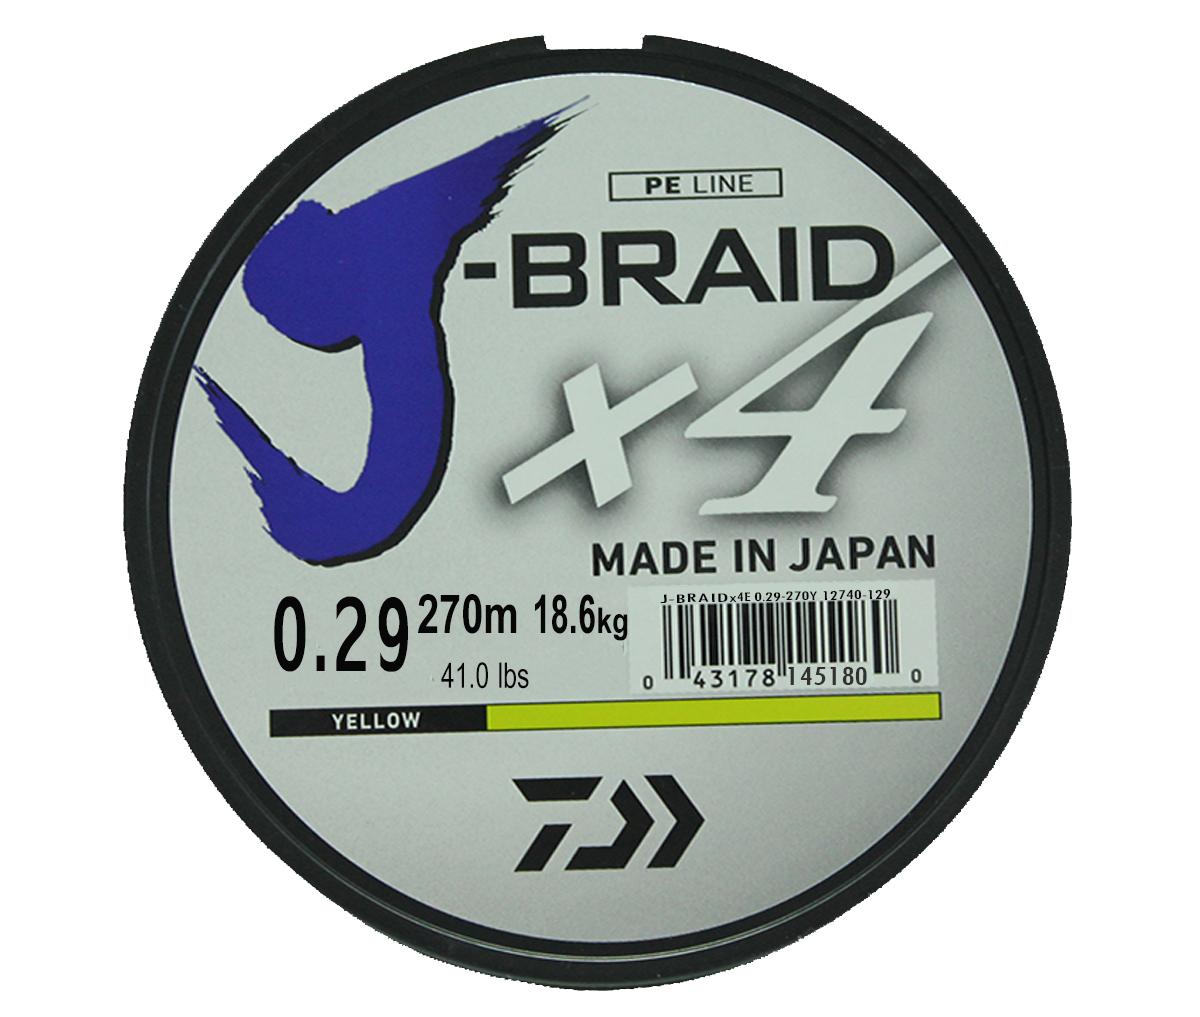 Шнур плетеный Daiwa J-Braid X4, цвет: флуоресцентный желтый, 270 м, 0,29 мм61154Новый четырехжильный шнур J-Braid от Daiwa - шнур высокого класса с удивительным соотношением цены и качества. Качество плетения полностью соответствует японским стандартам и удовлетворяет всем требованиям. Представленные диаметры позволяют использовать шнур для всех техник ловли, начиная от Ultra-Light ловли окуня, до морской ловли палтуса, трески и так далее.